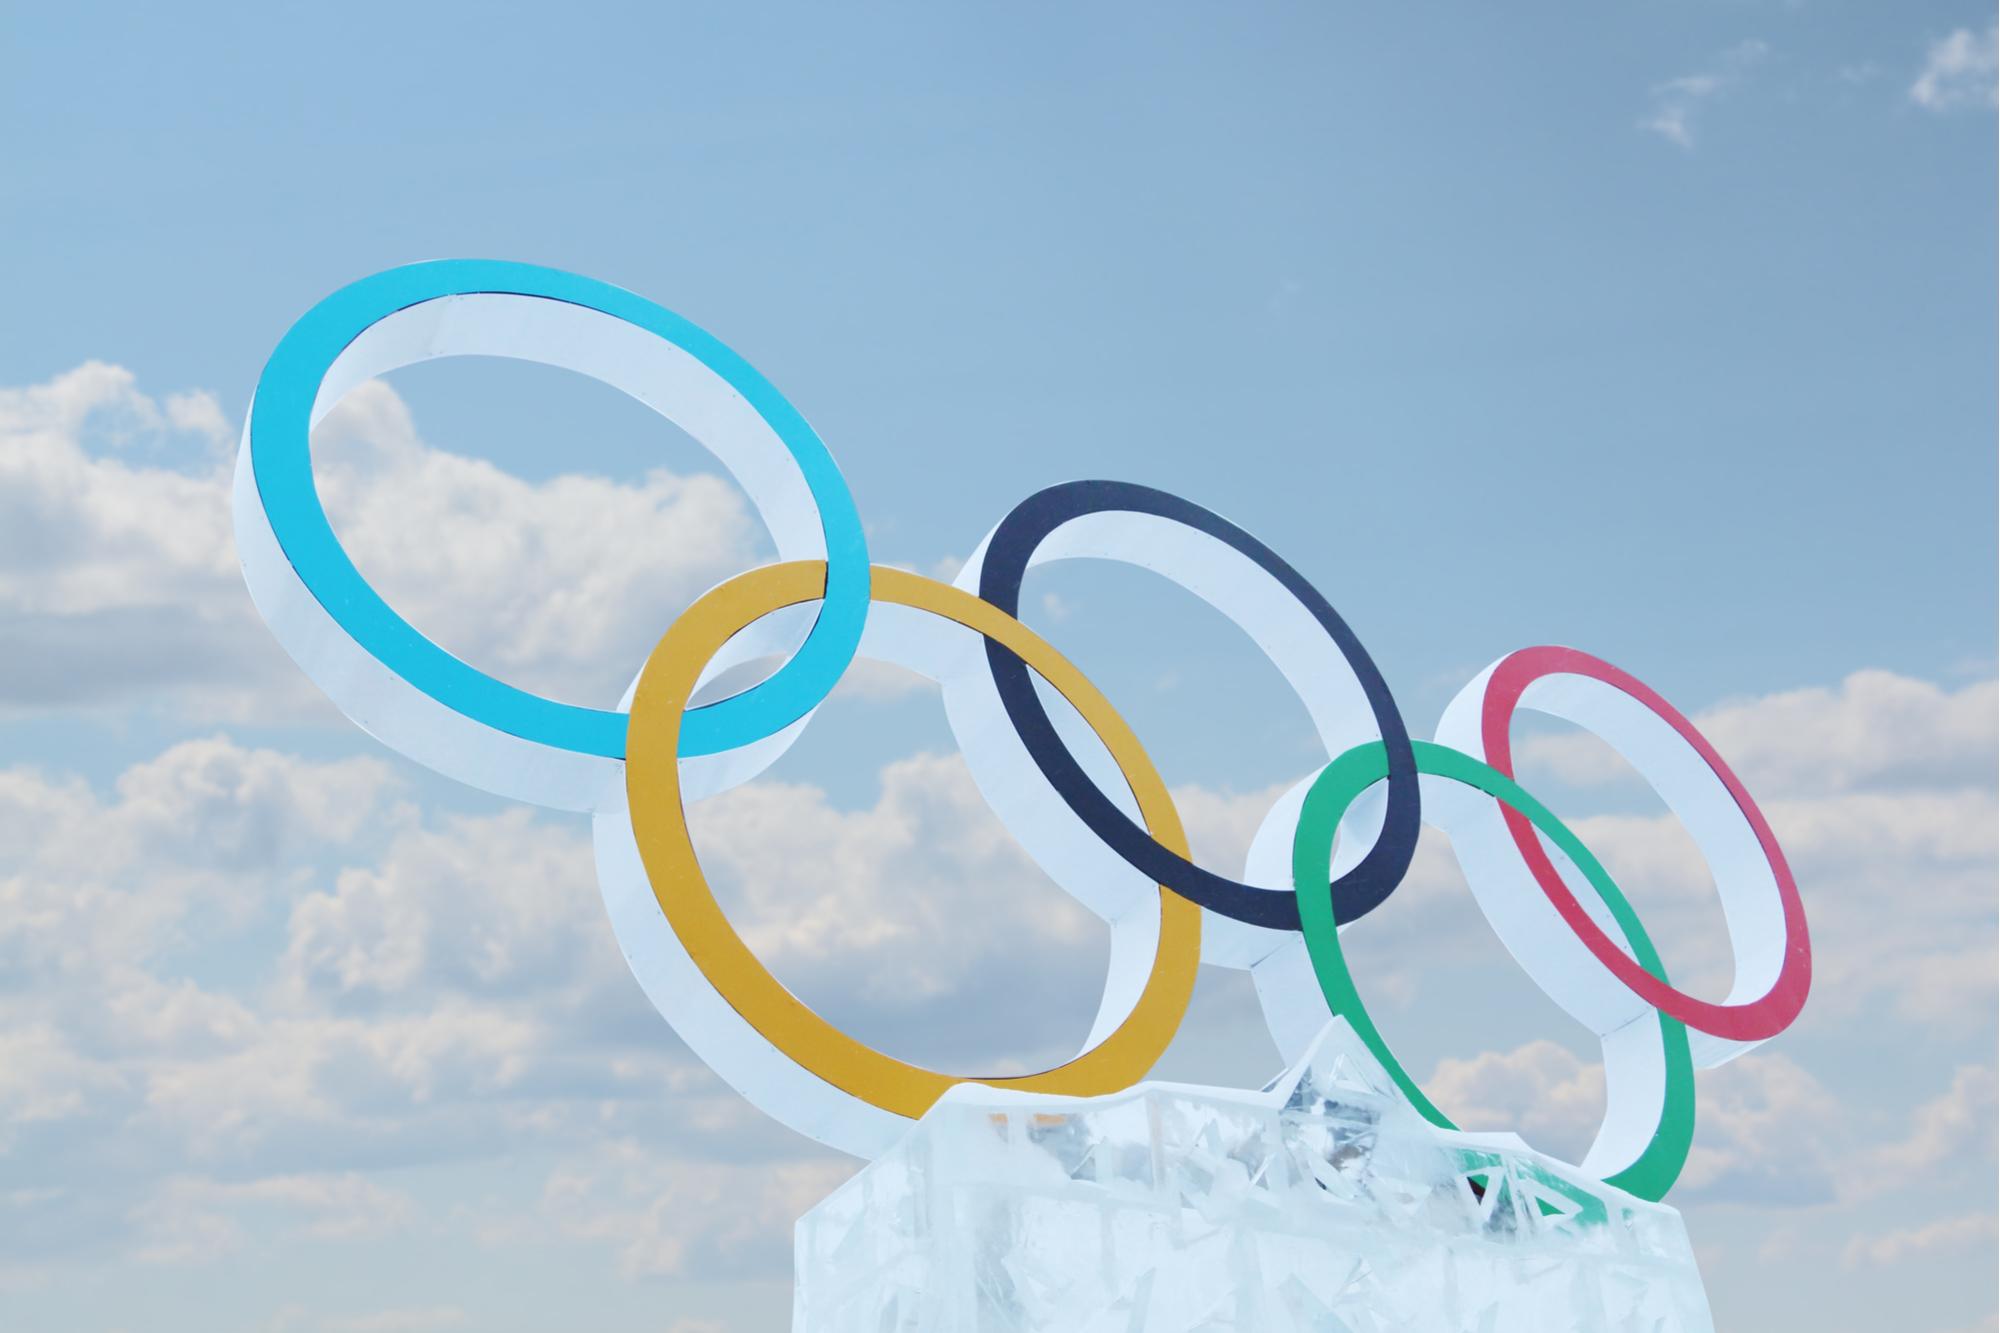 Calgary Winter Olympics bid needs more work